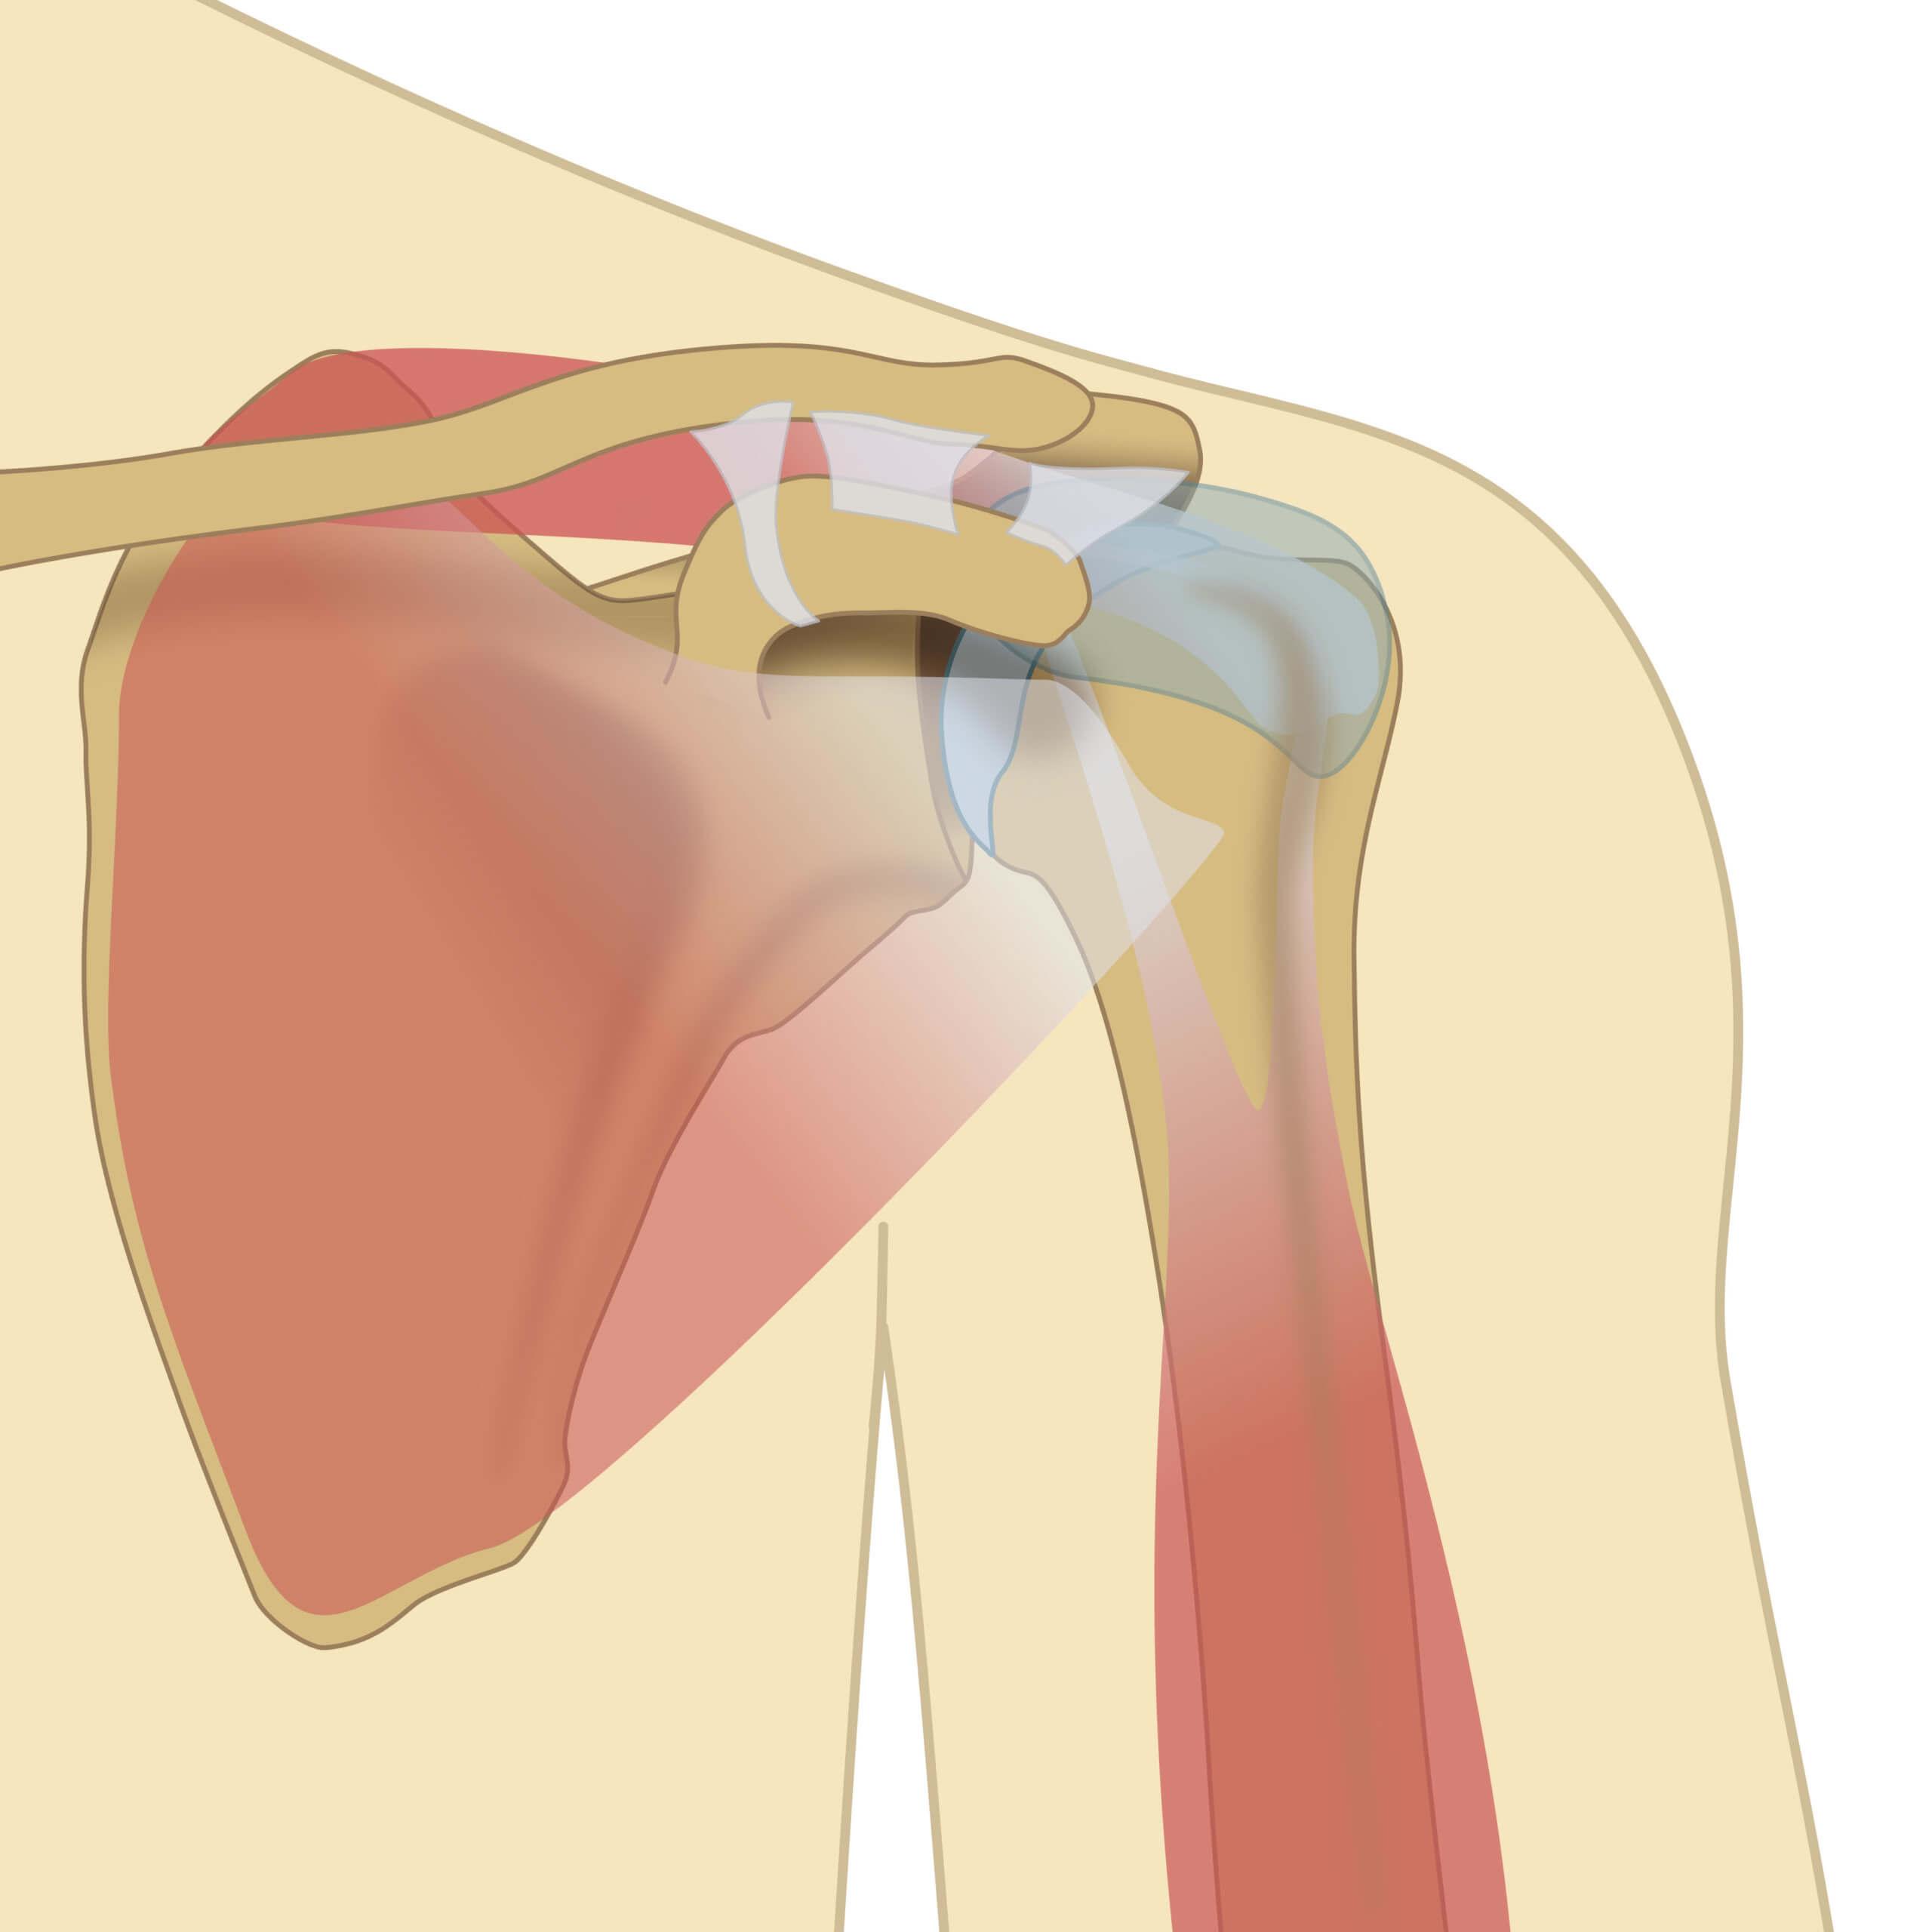 Schulterschmerz, Schmerzen Schulter, Schmerzen in der Schulter